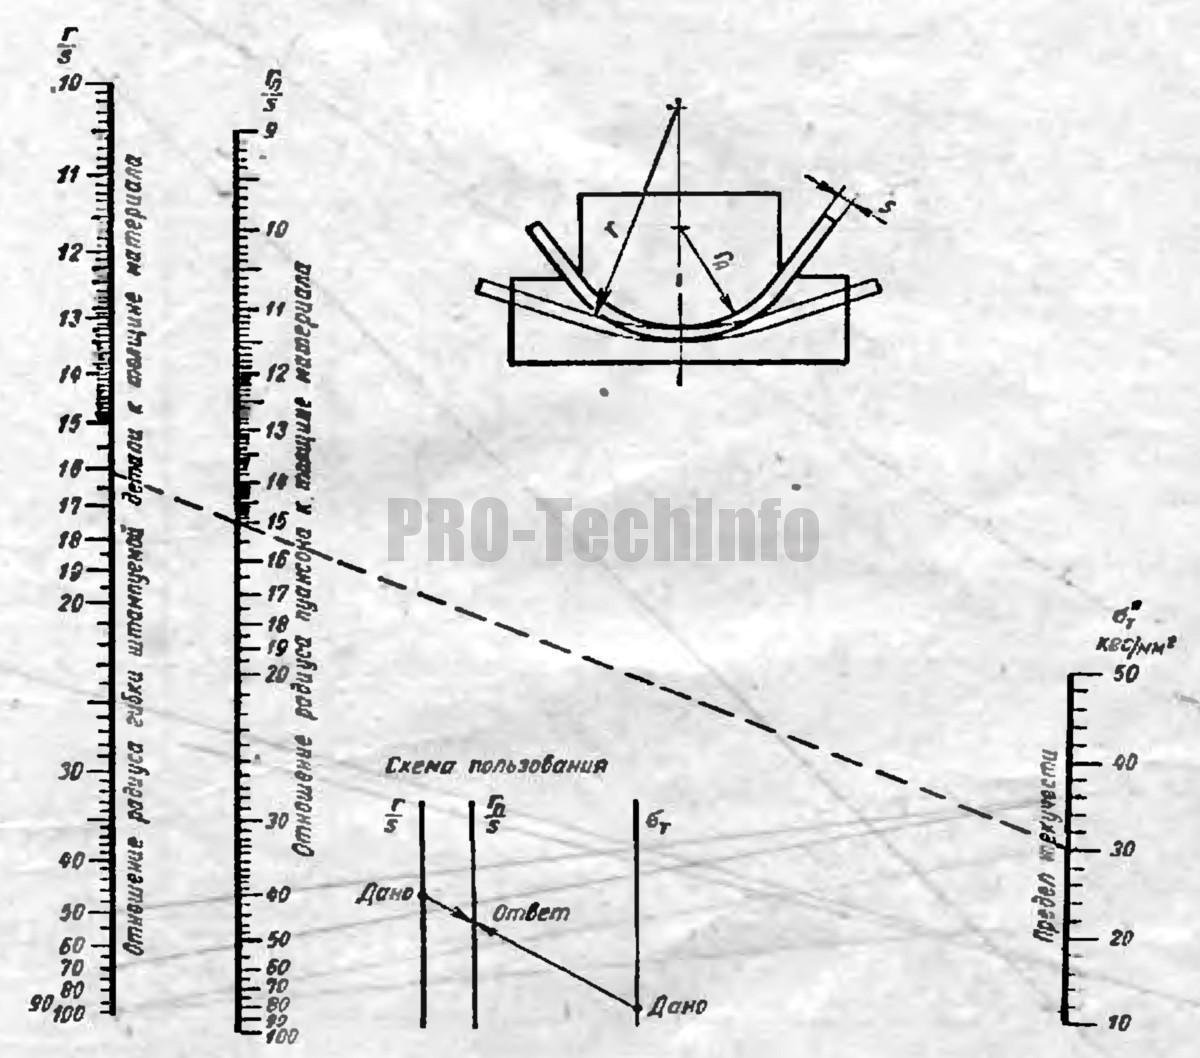 Радиусы пуансонов гибочных штампов для гибки деталей из сталей по ГОСТ 380—05 и ГОСТ 1050—13